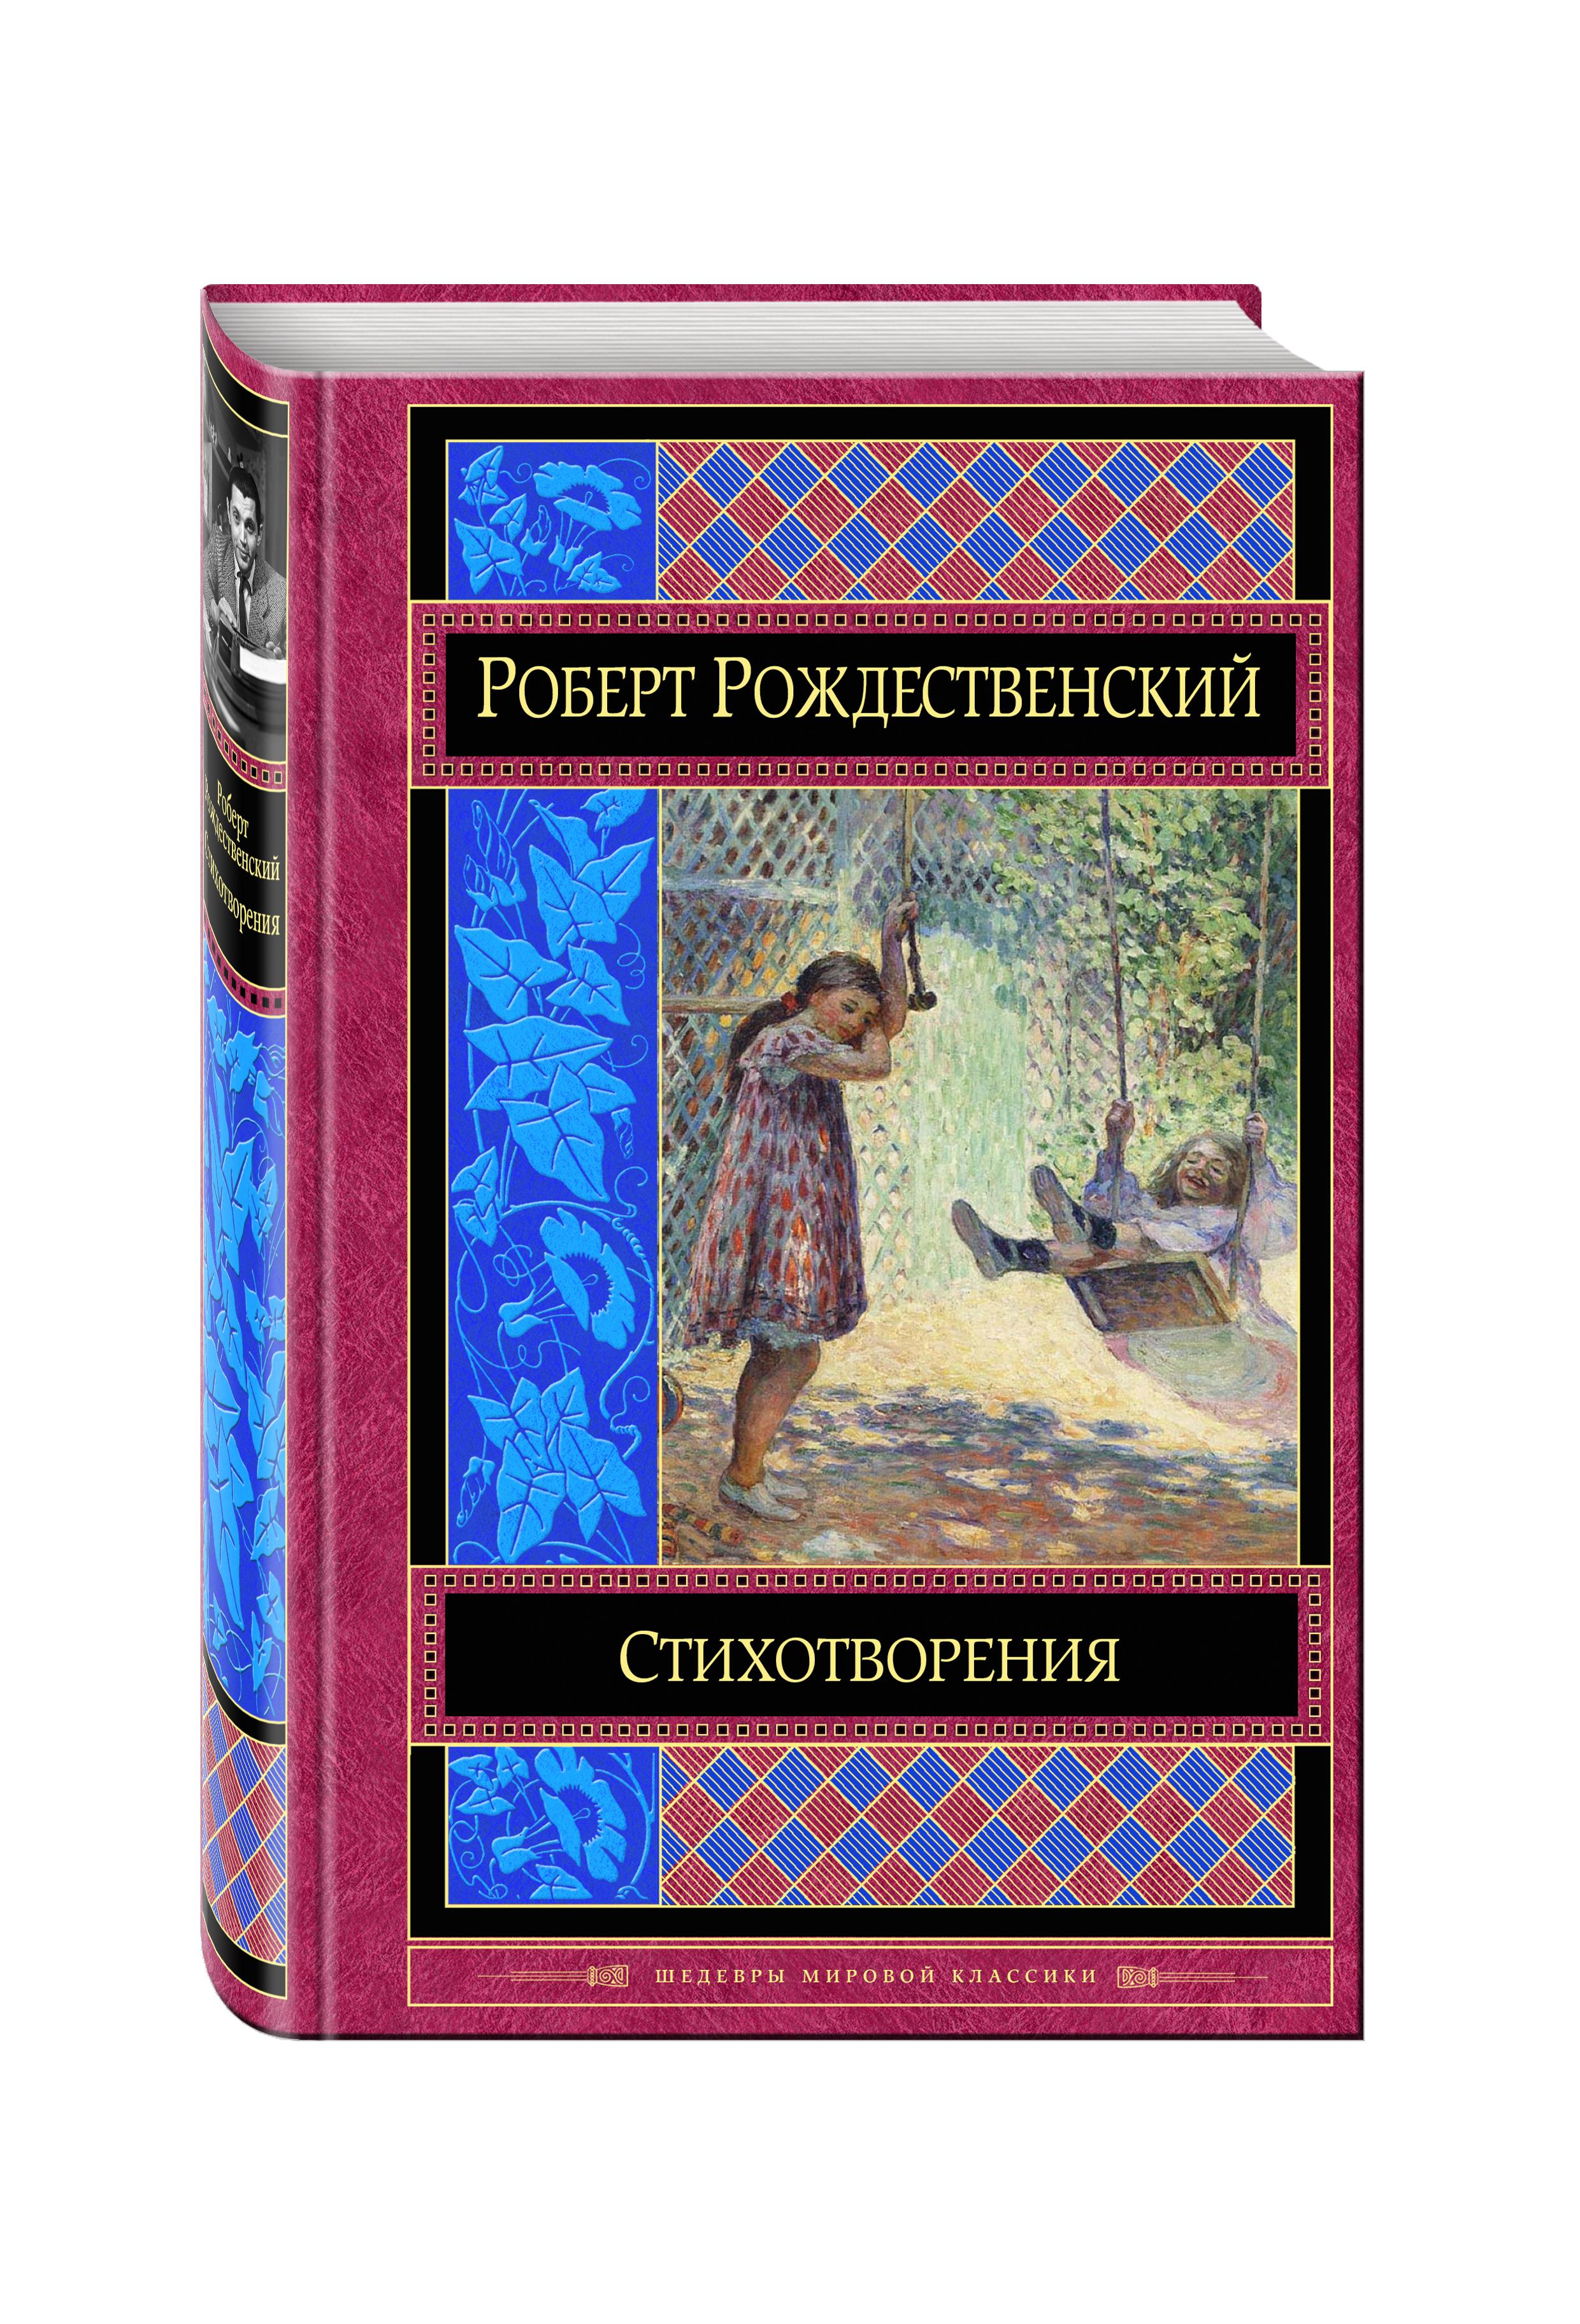 Роберт Рождественский Стихотворения рождественский р эхо любви стихотворения поэмы isbn 9785699997381